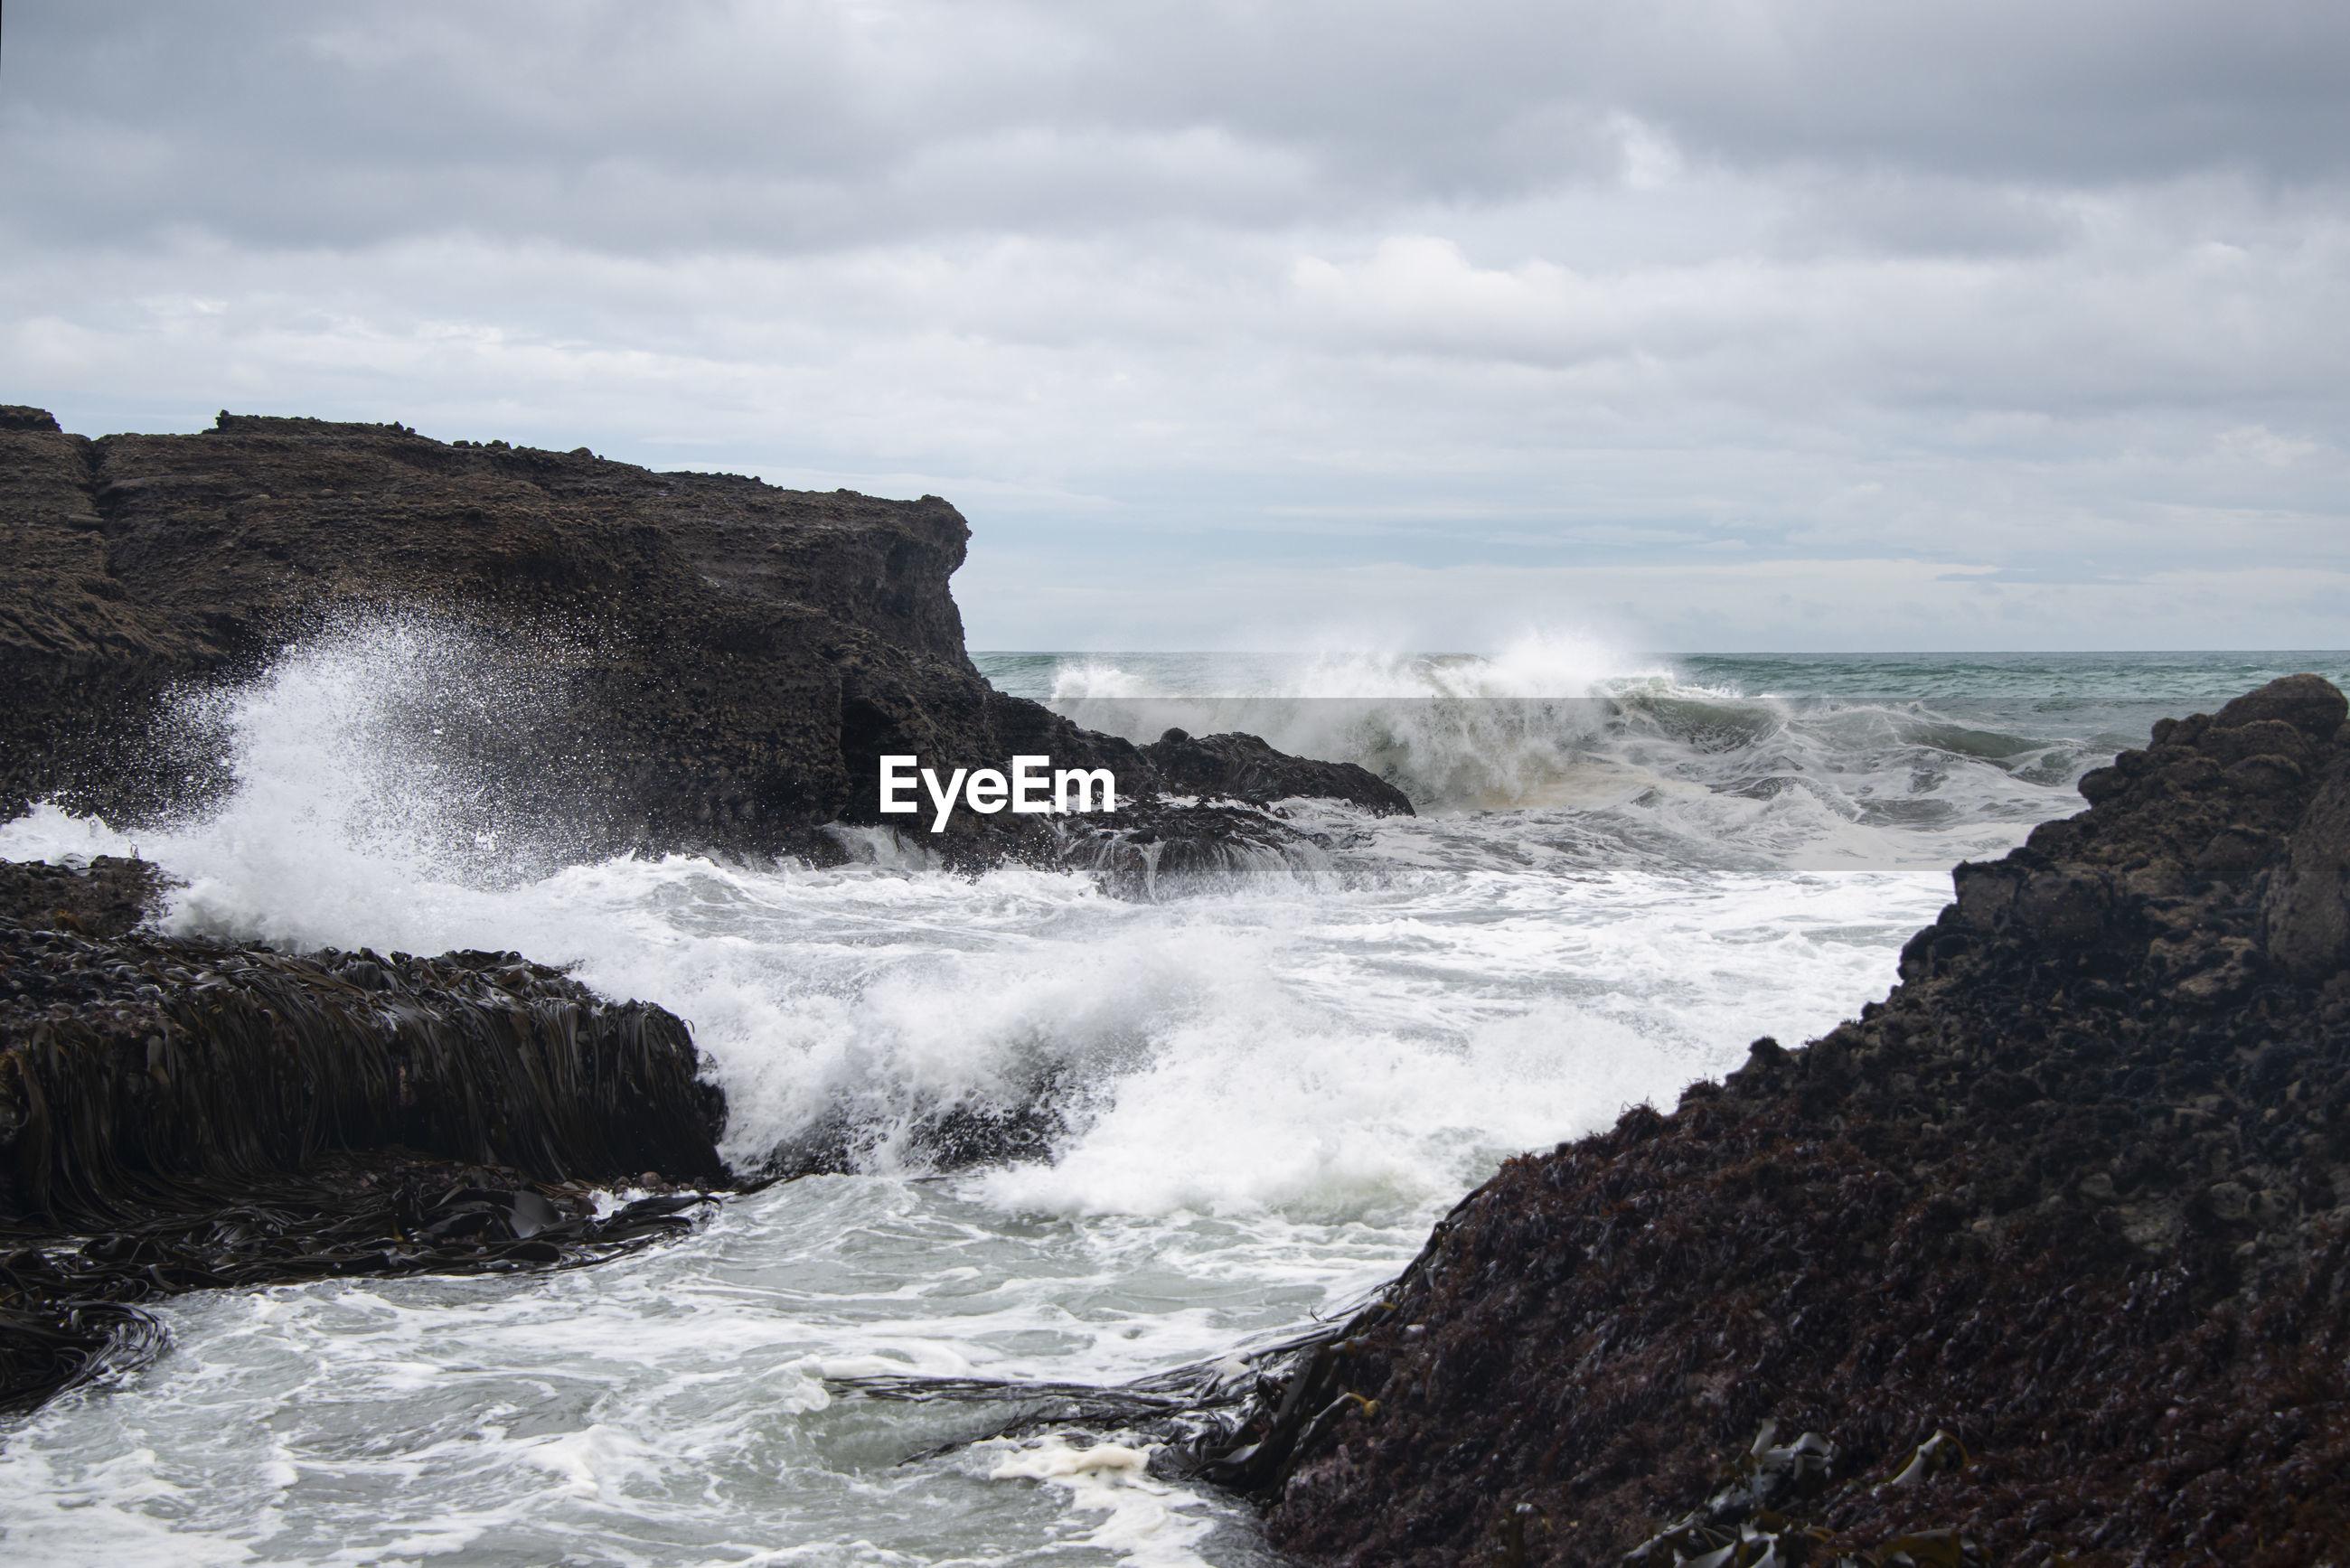 WAVES SPLASHING ON ROCKS AT SEA AGAINST SKY